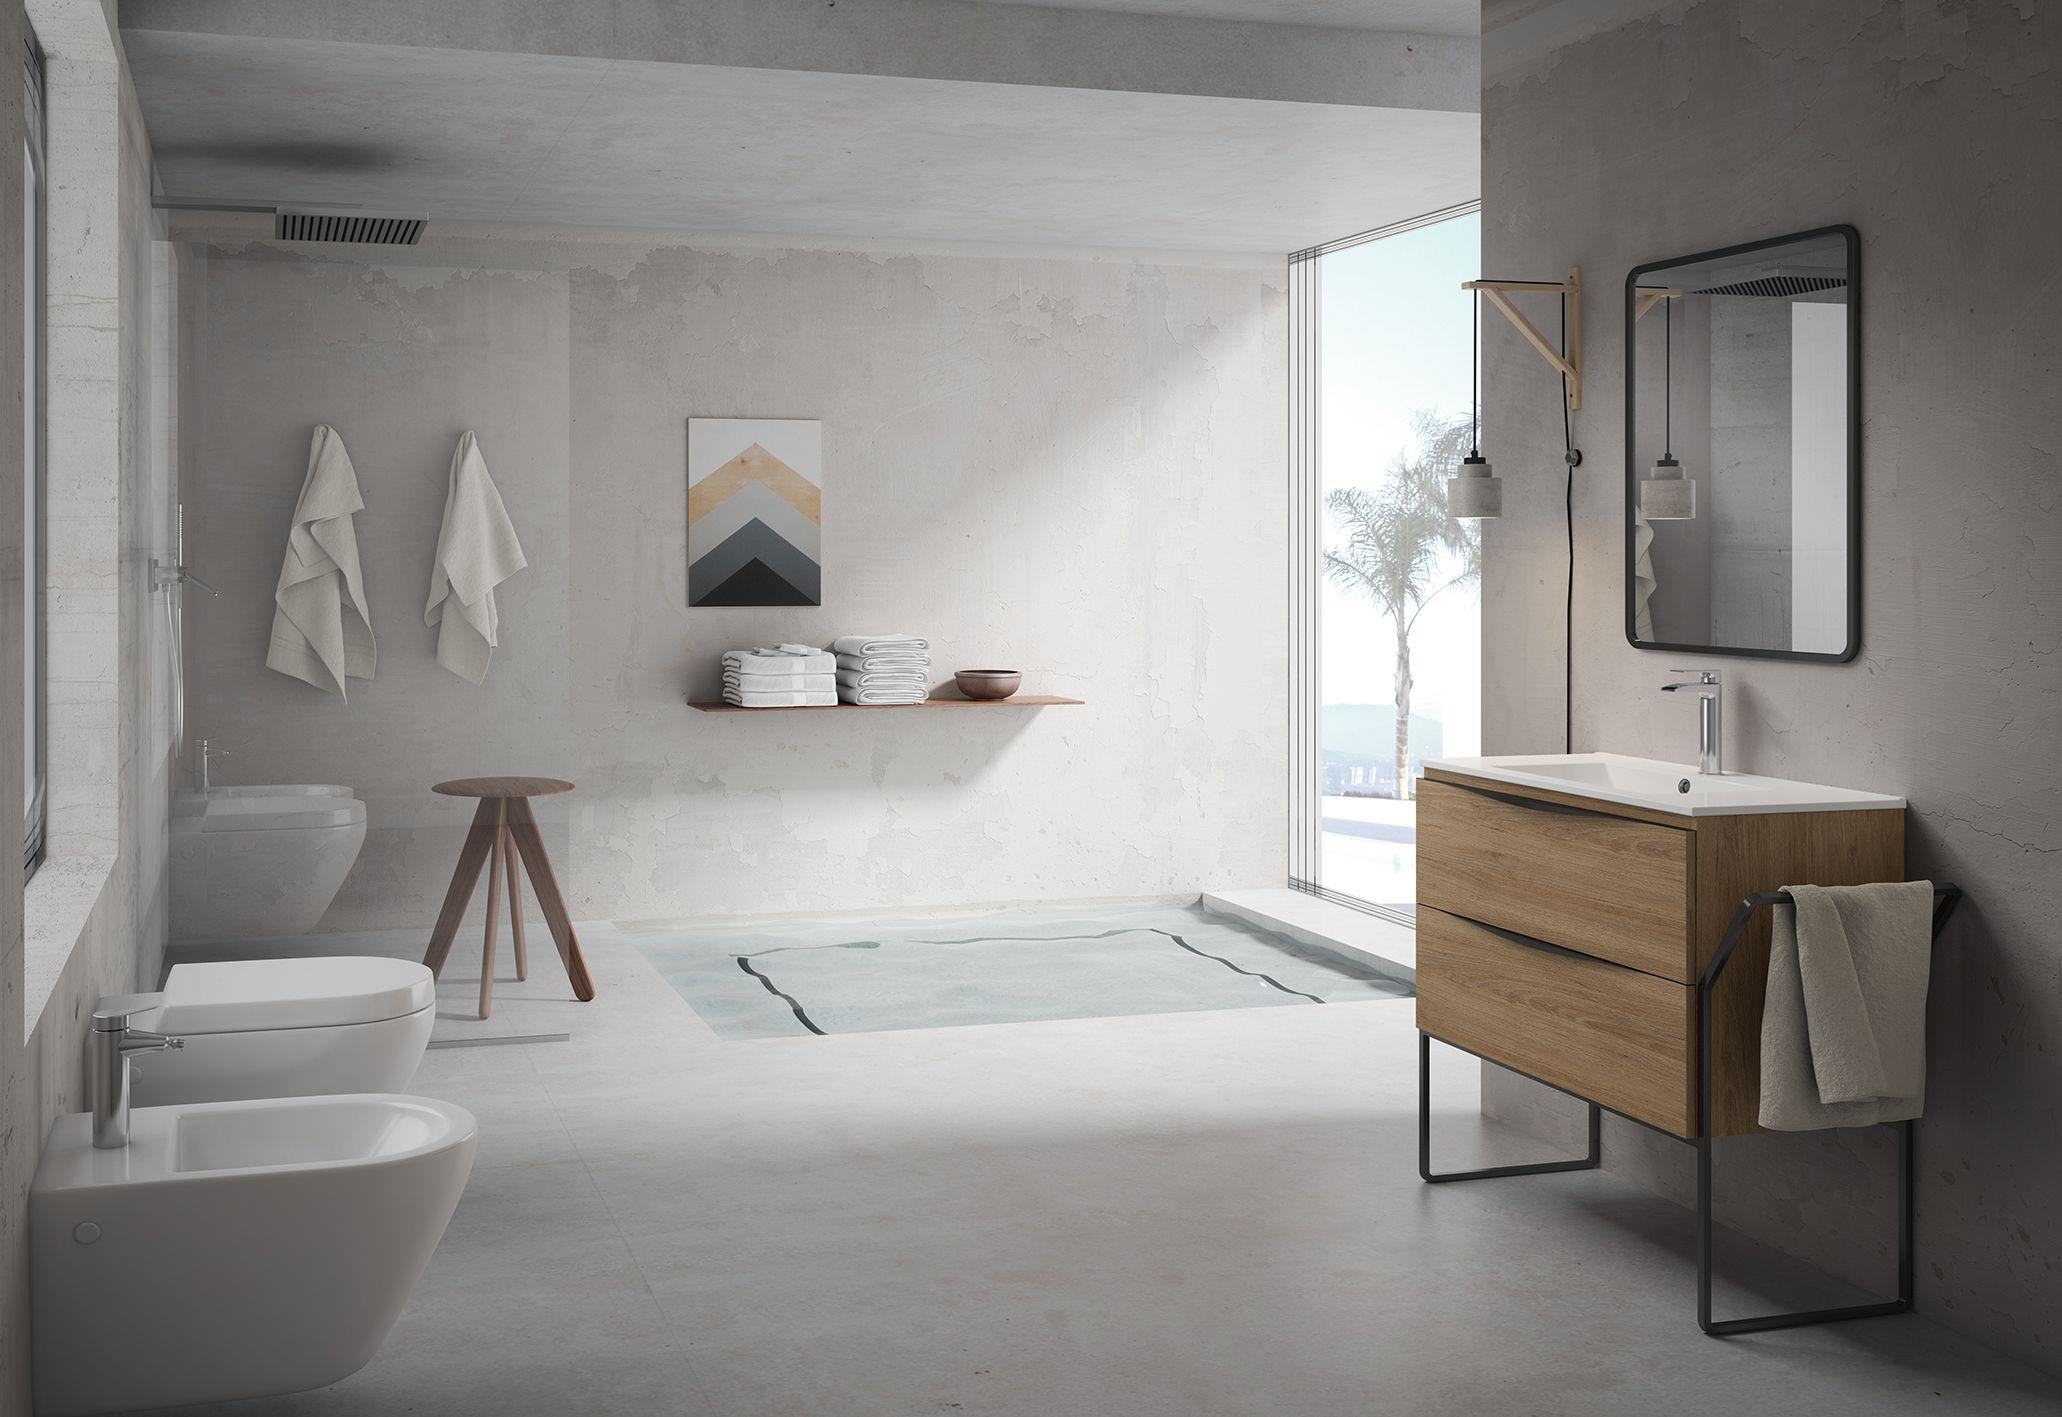 Praxis Toilet Fontein : Praxis bekijk onze badkamermeubelen badkamer inspiratie in 2018